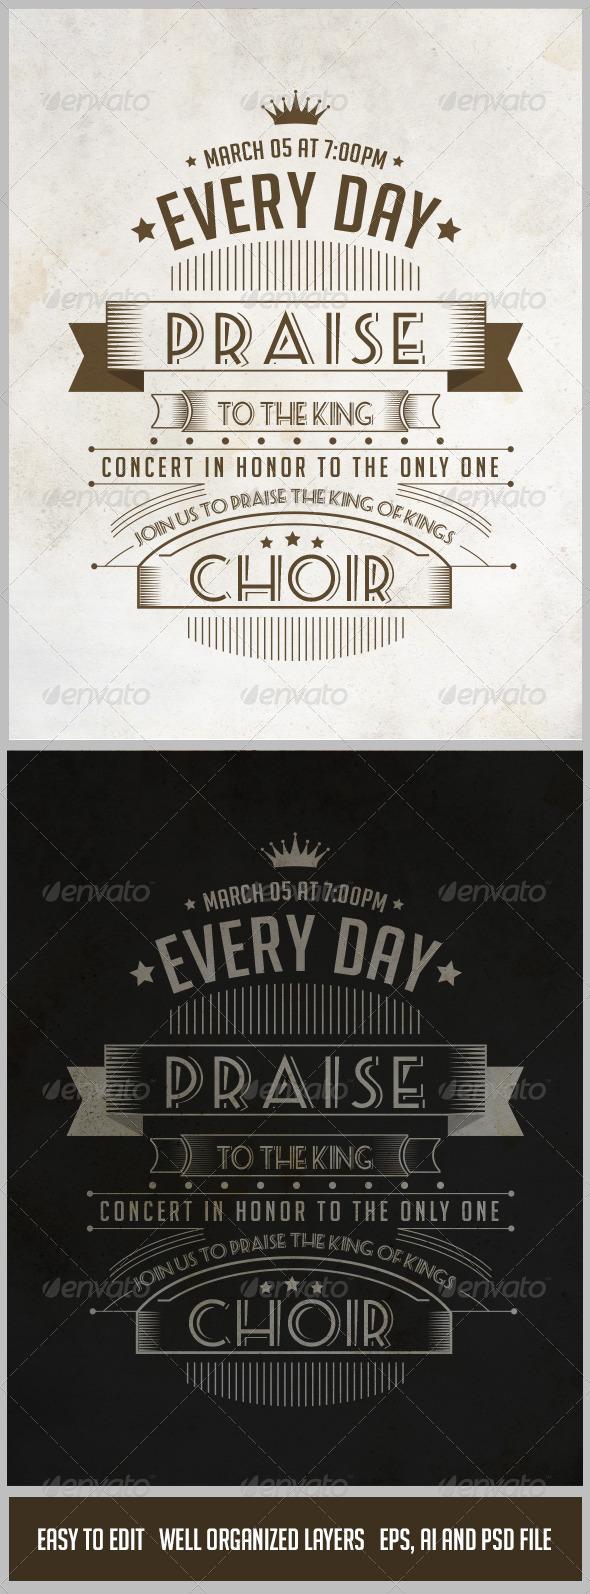 GraphicRiver Vintage Poster in Vector Format V.01 7157631